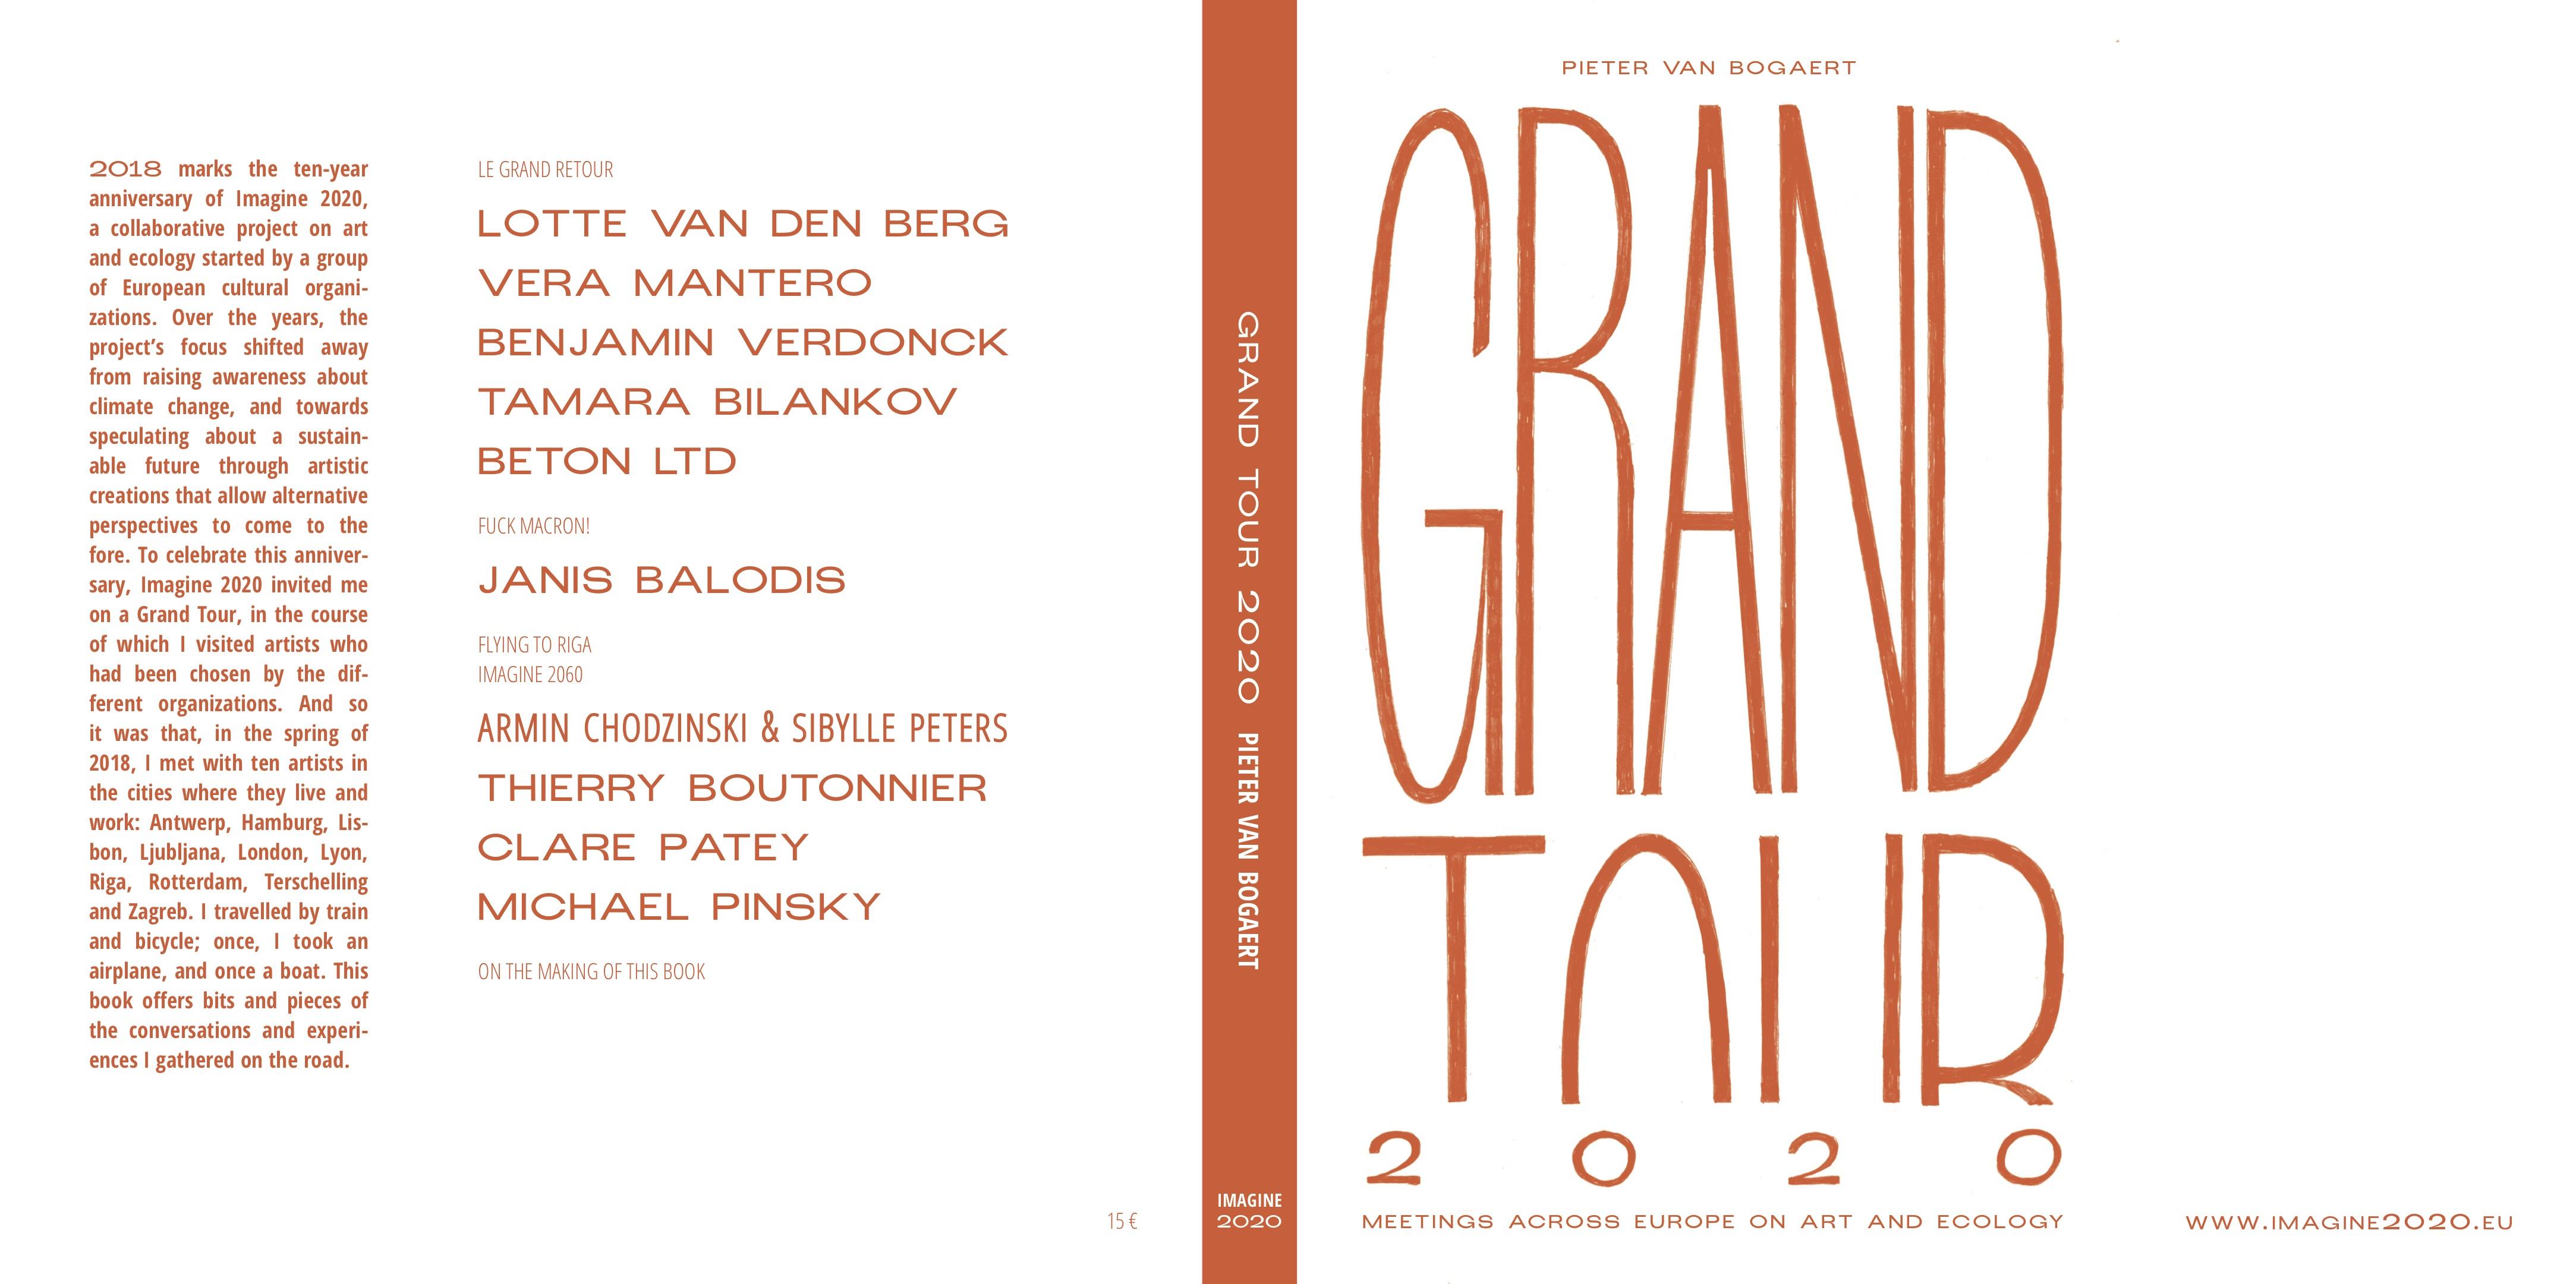 Grand tour 2020 Pieter Van Bogaert publié 25 novembre 2018